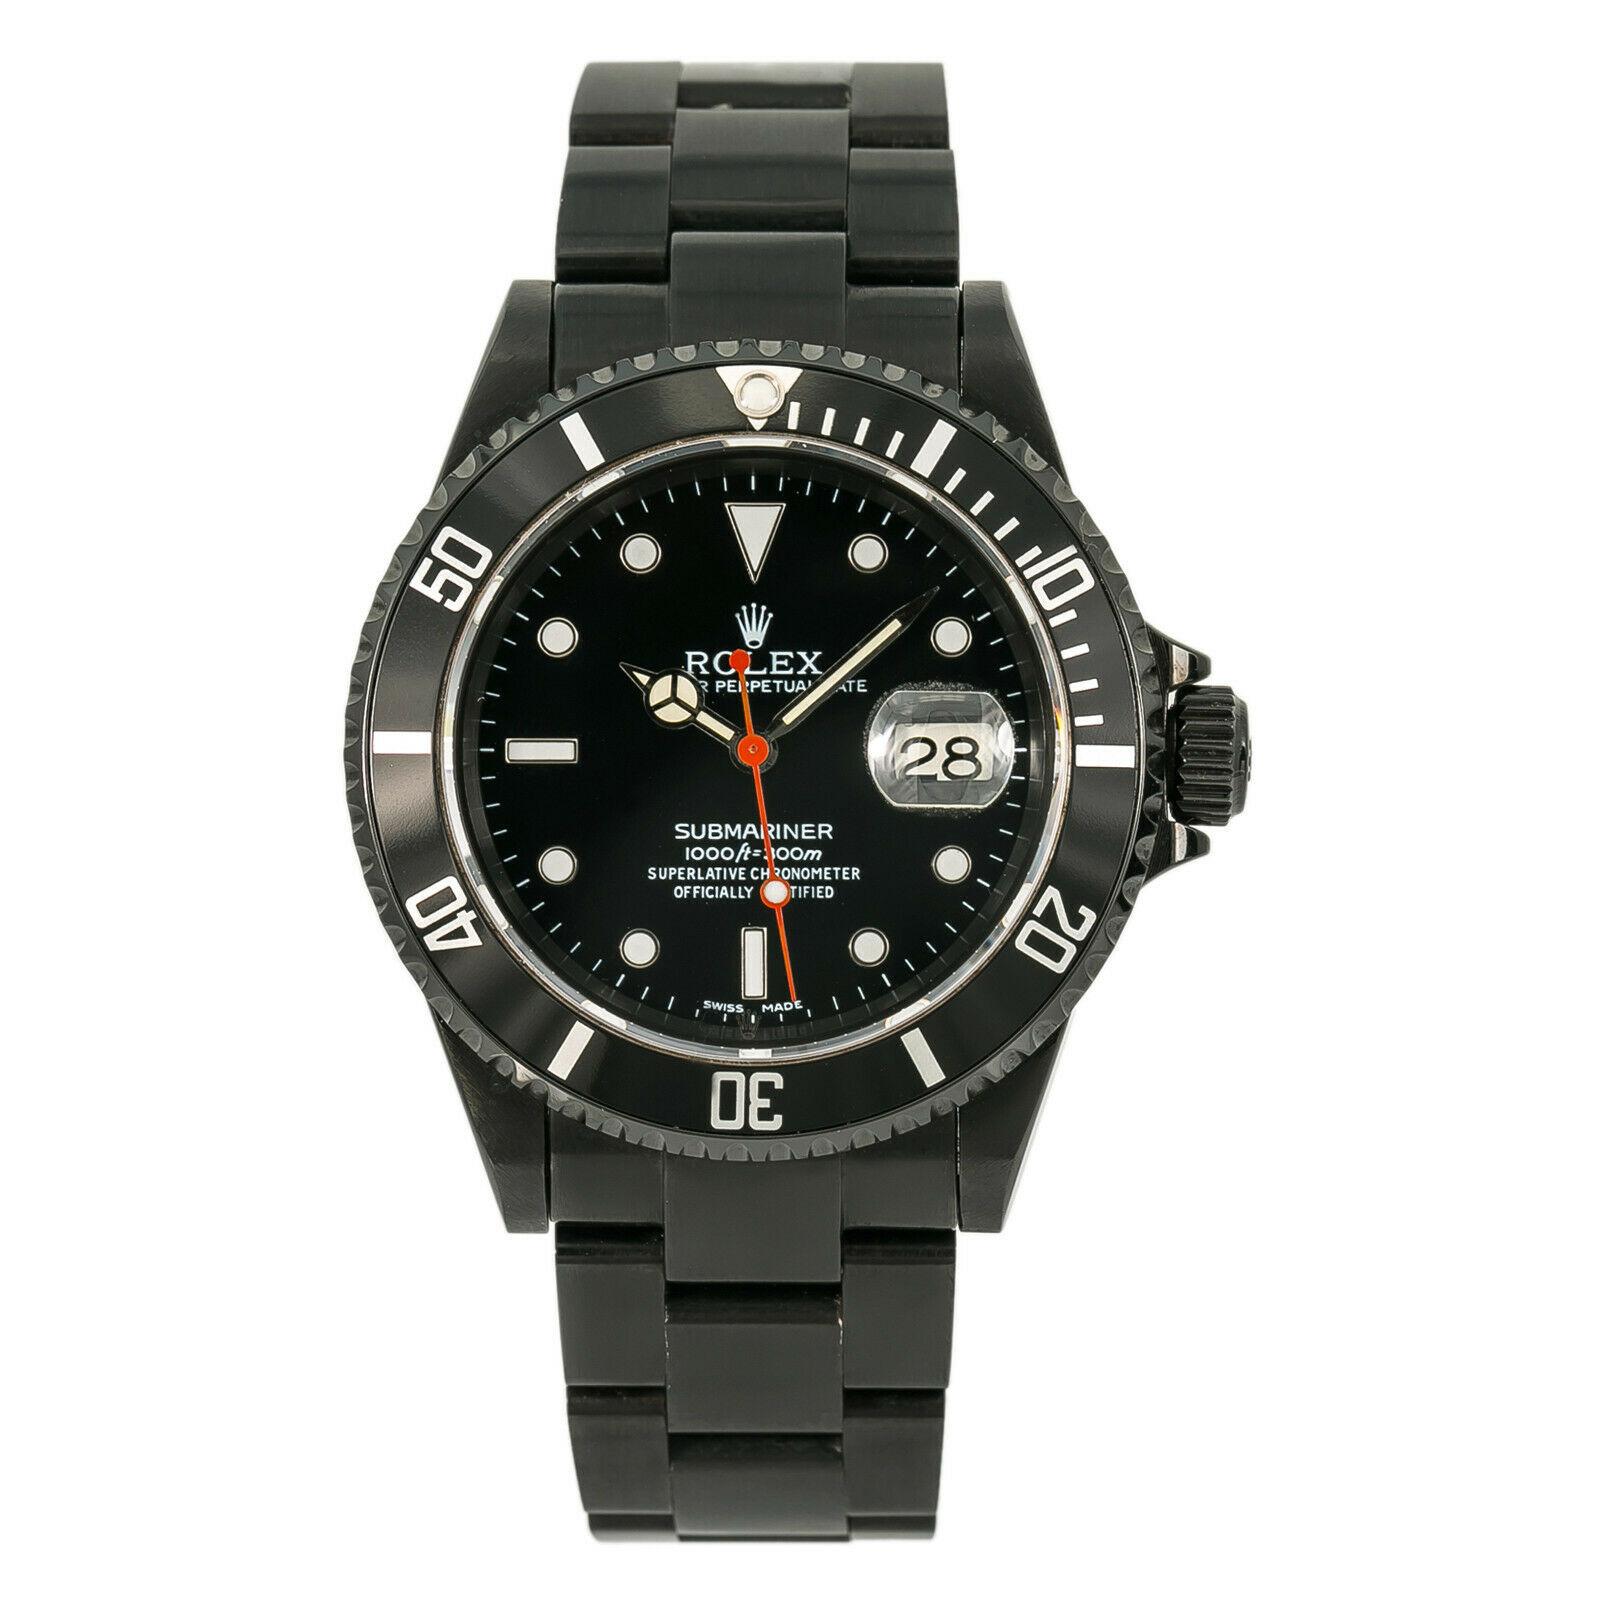 Rolex Submariner 16610 Pvd 40mm Watch